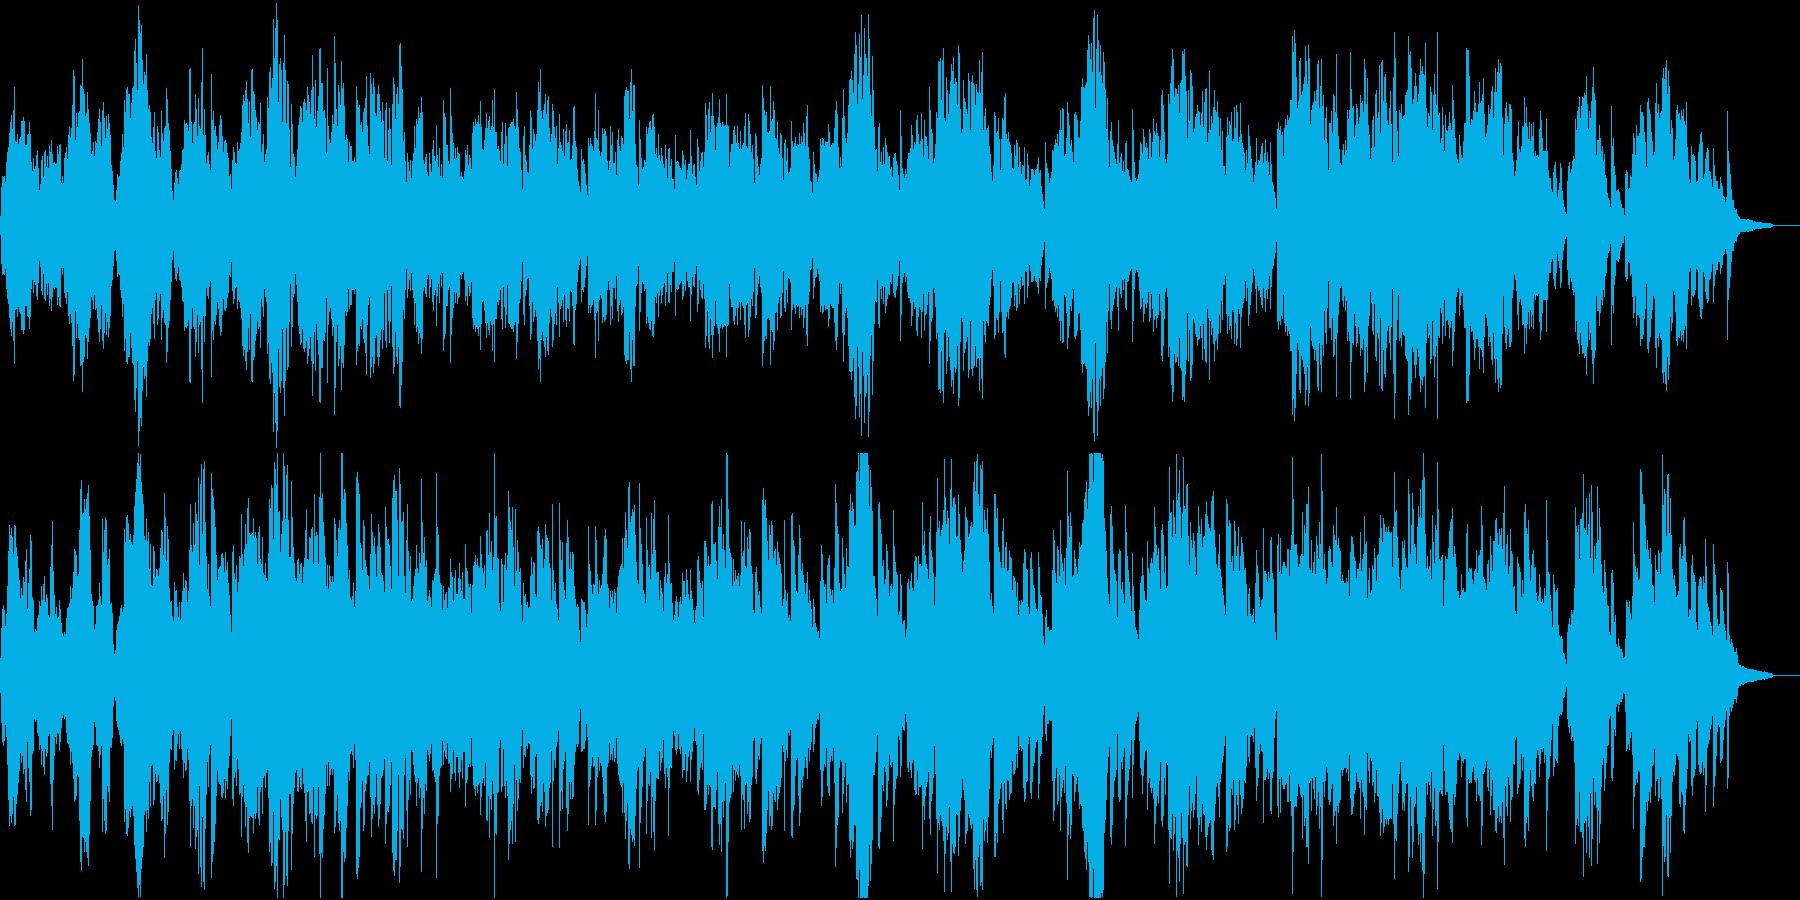 穏やかな物語の始まりを感じる曲の再生済みの波形